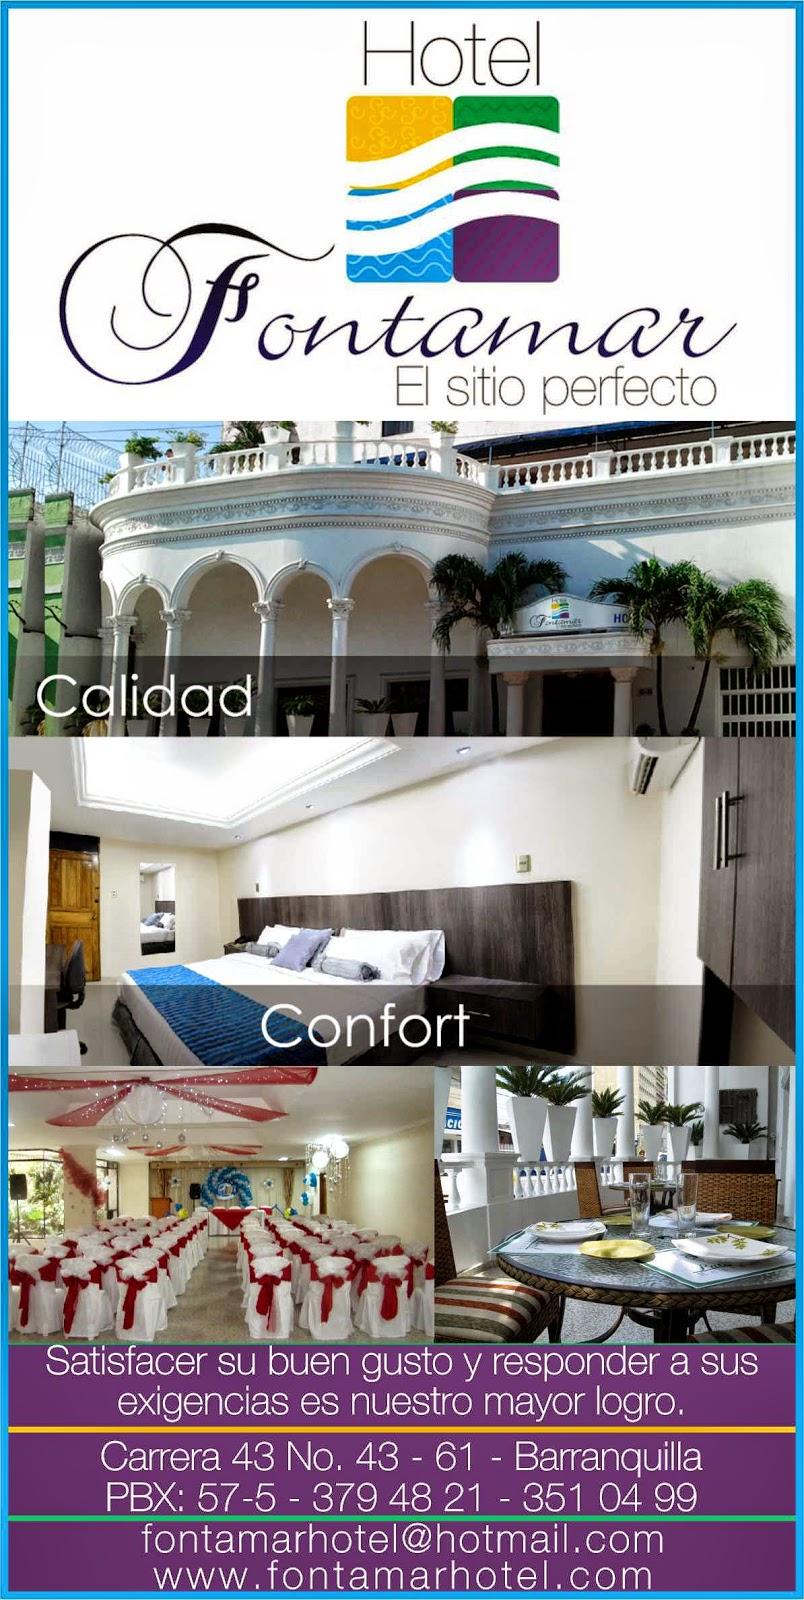 hotel_fontamar_barranquilla_vamosenmovimiento.blogspot.com_1